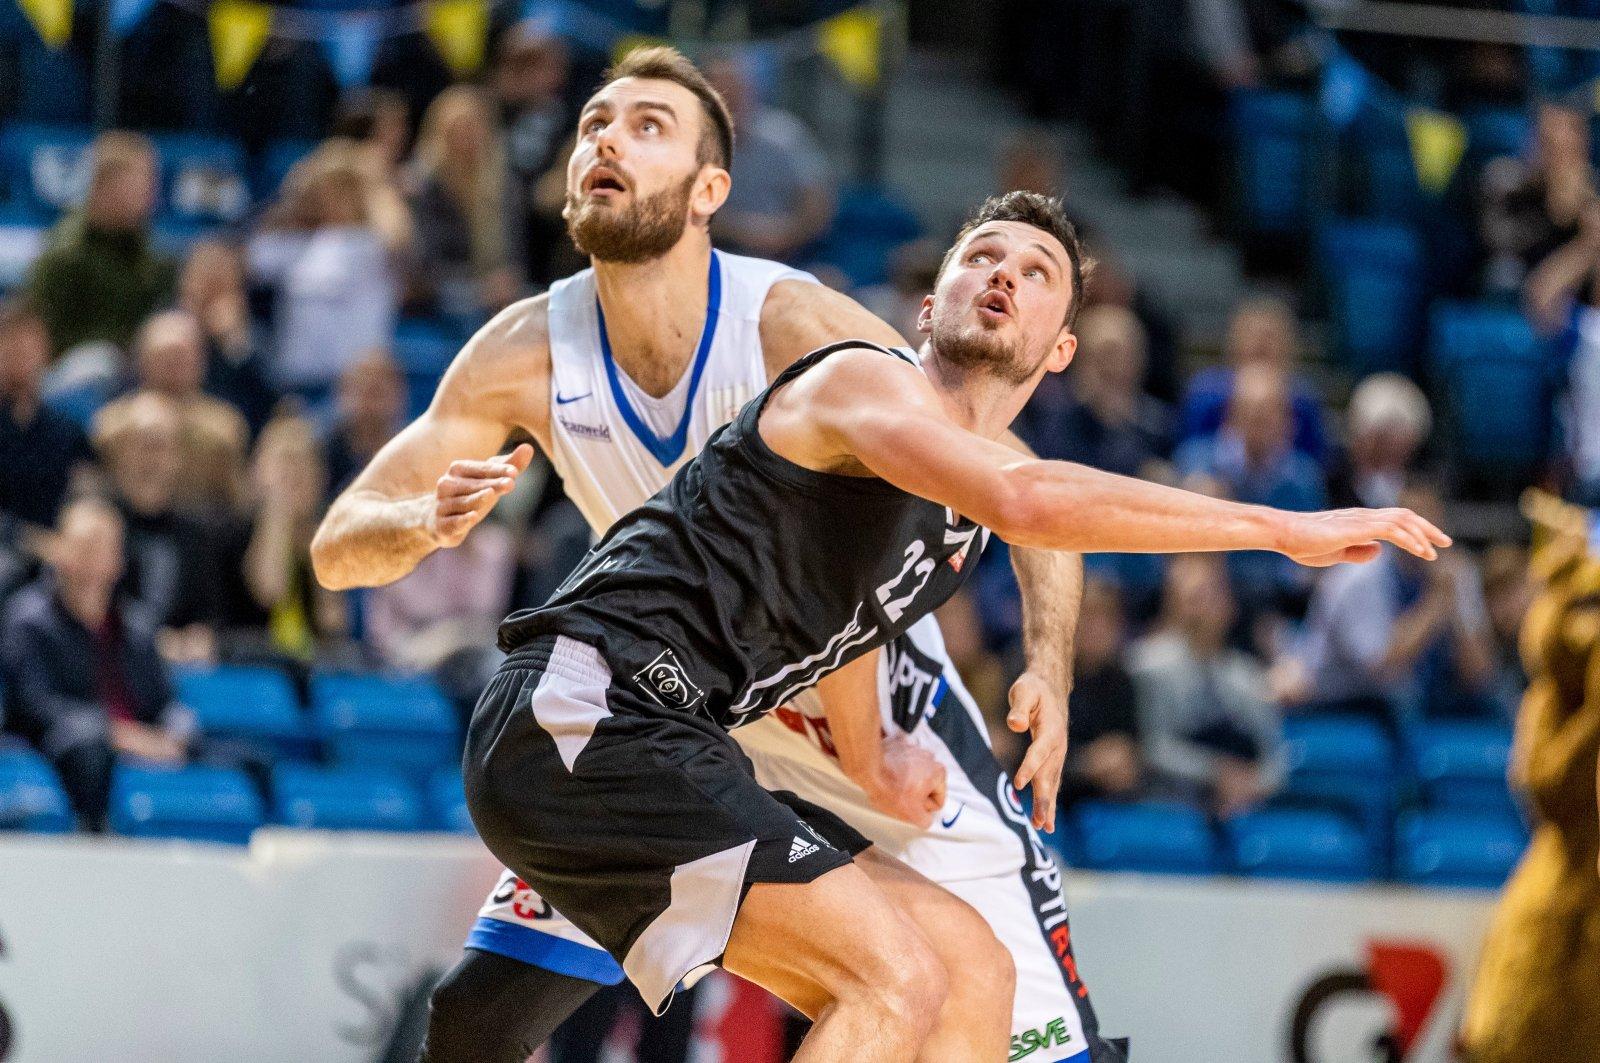 Eesti ja Läti korvpalliliidud soovivad ühise liiga jätkumist